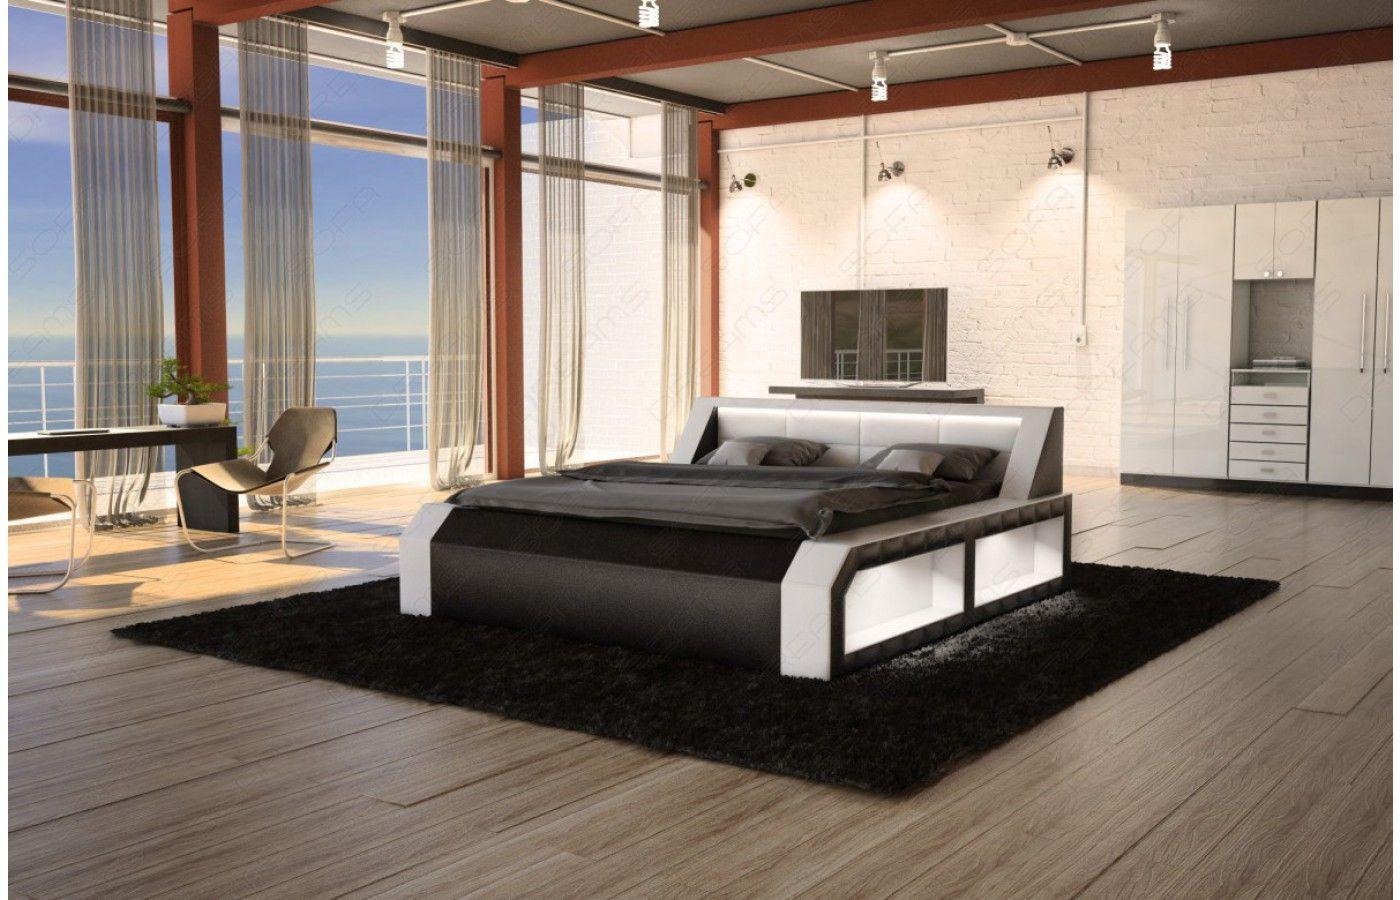 Rundbett Napoli 180x200 200x200 Luxusschlafzimmer Luxus